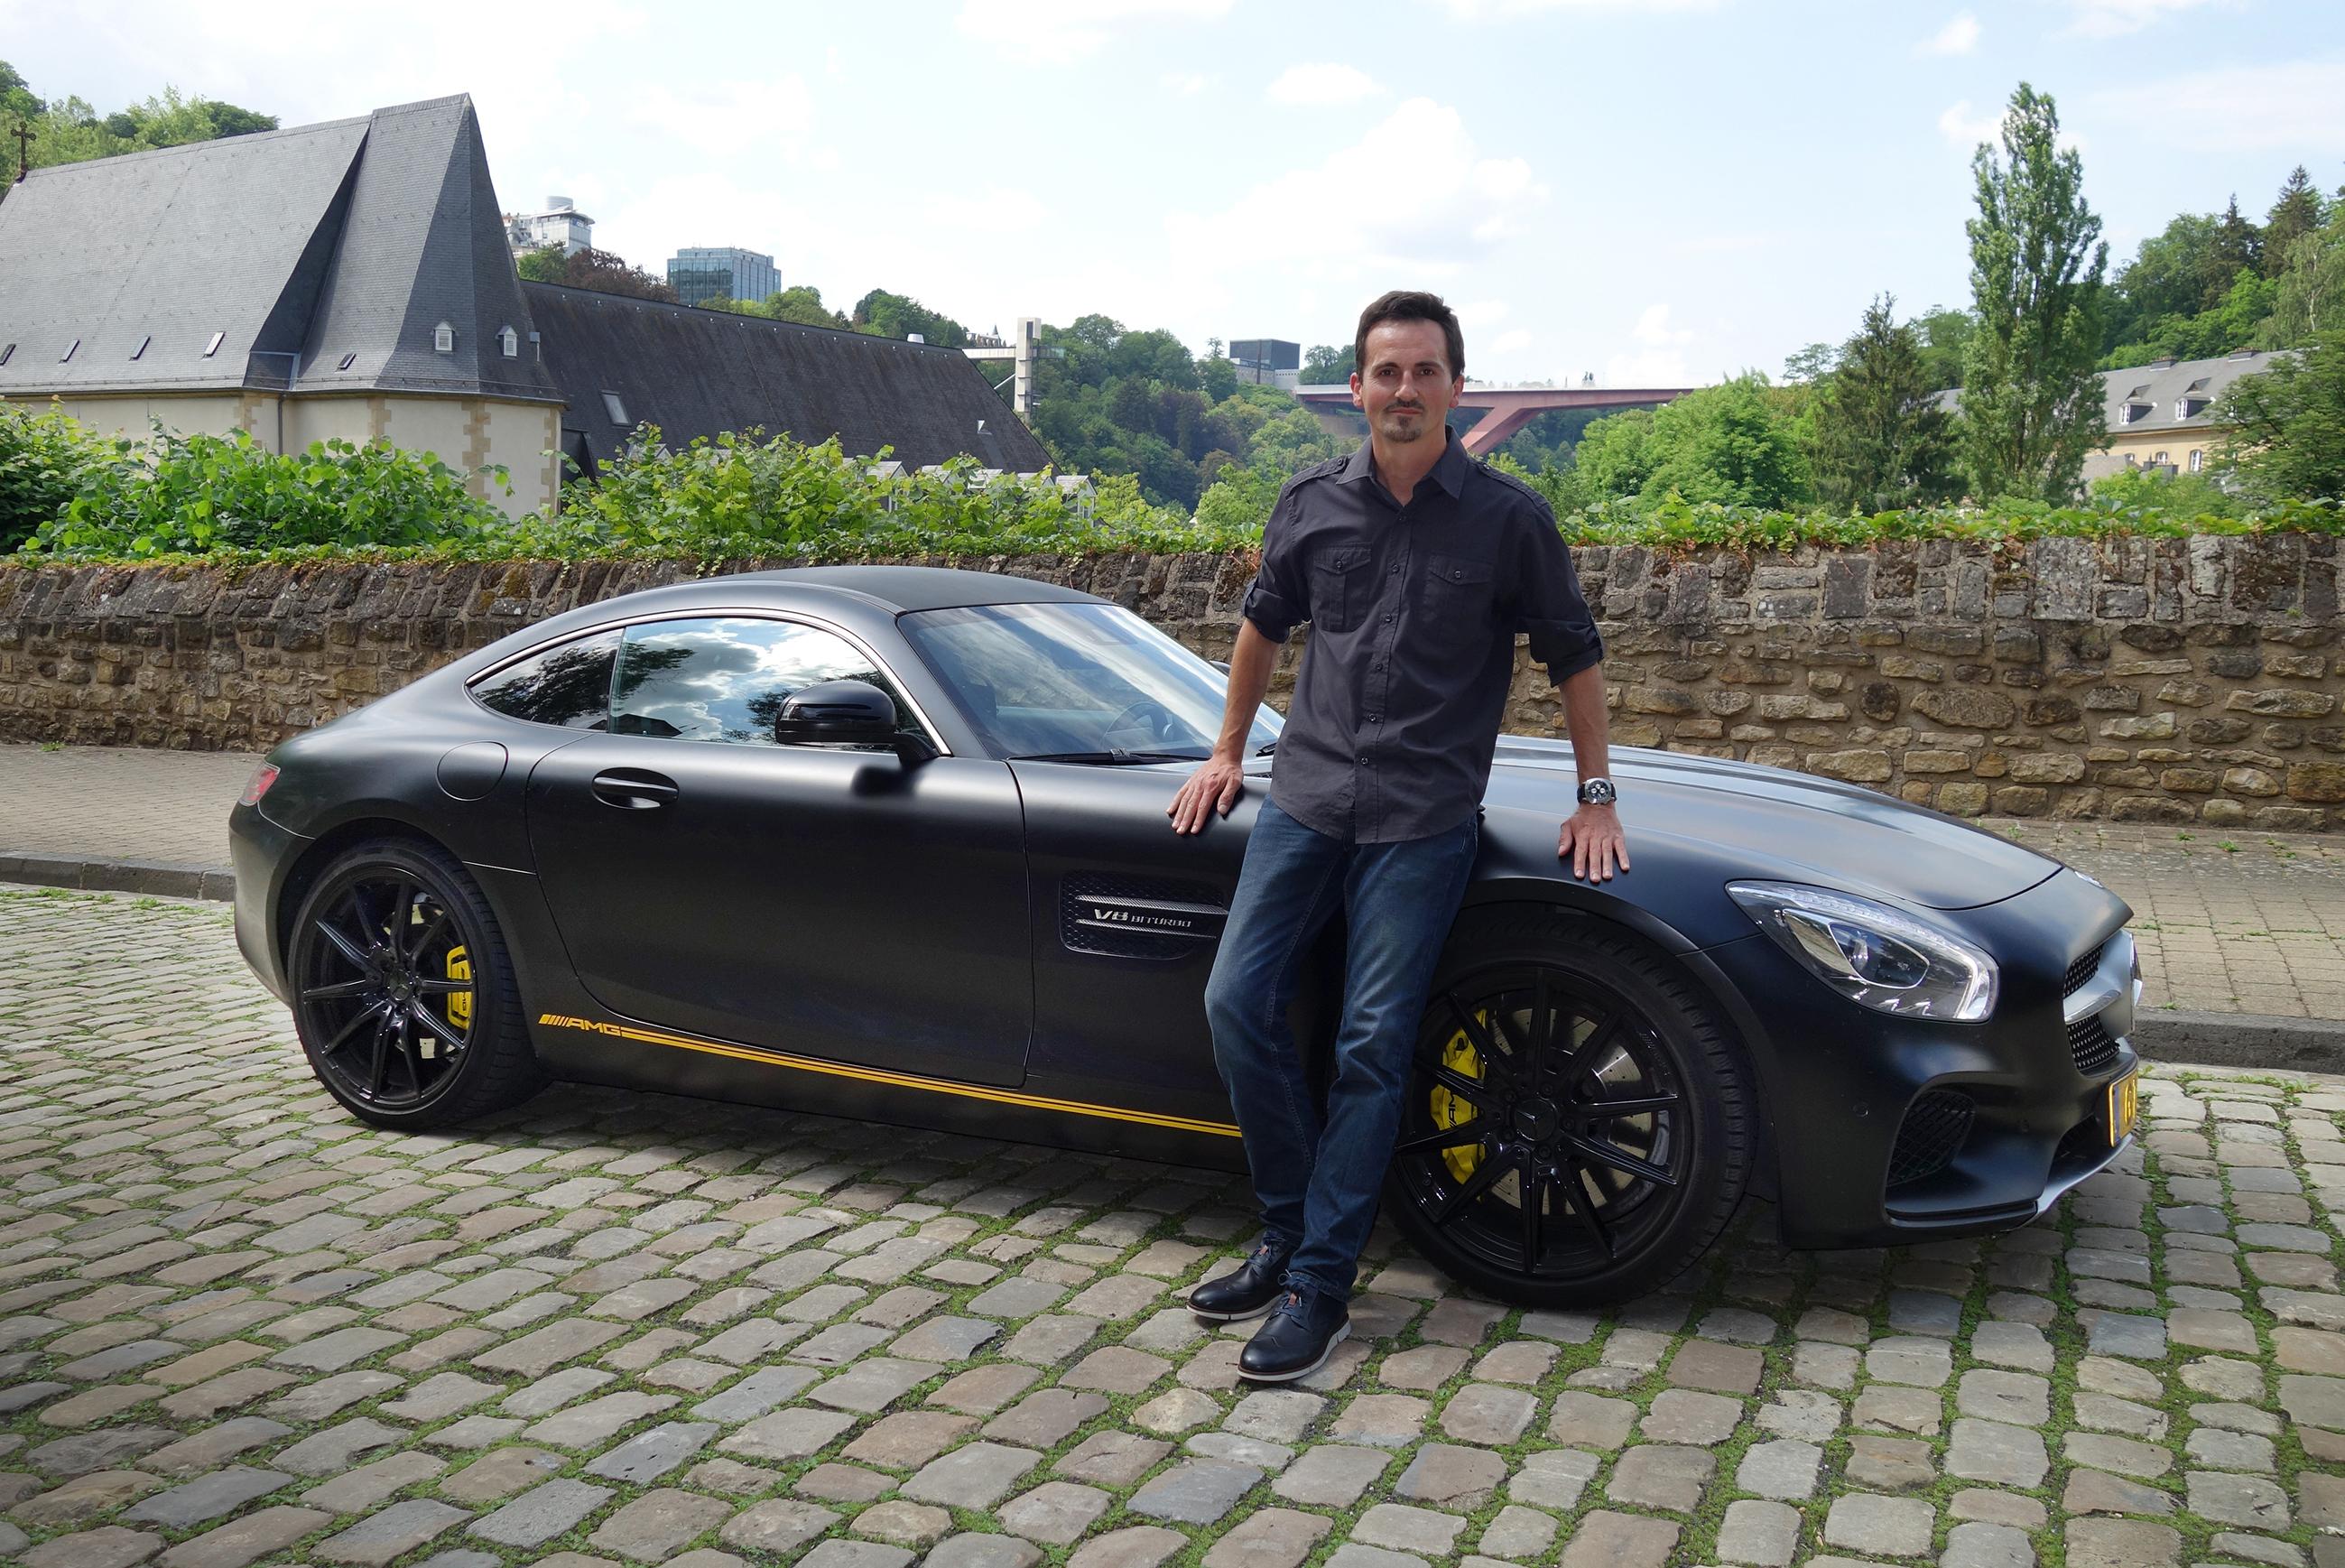 louer une voiture de luxe ou une supercar luxembourg ville est d sormais possible. Black Bedroom Furniture Sets. Home Design Ideas